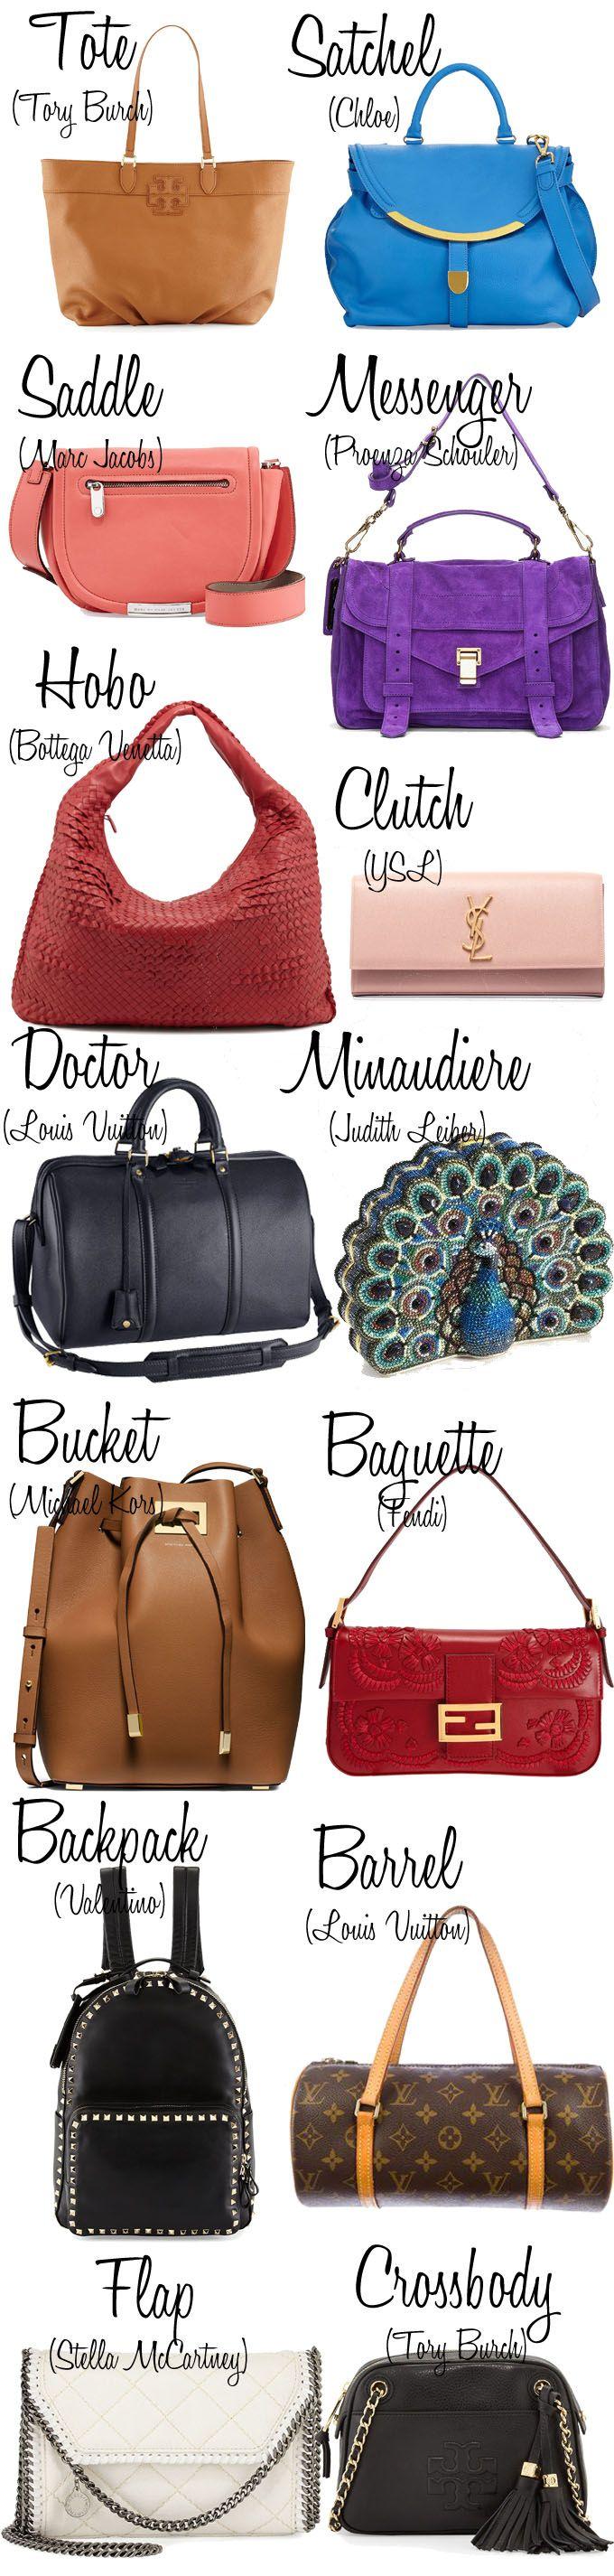 http://www.futilish.com/2015/01/dicionario-de-bolsas/